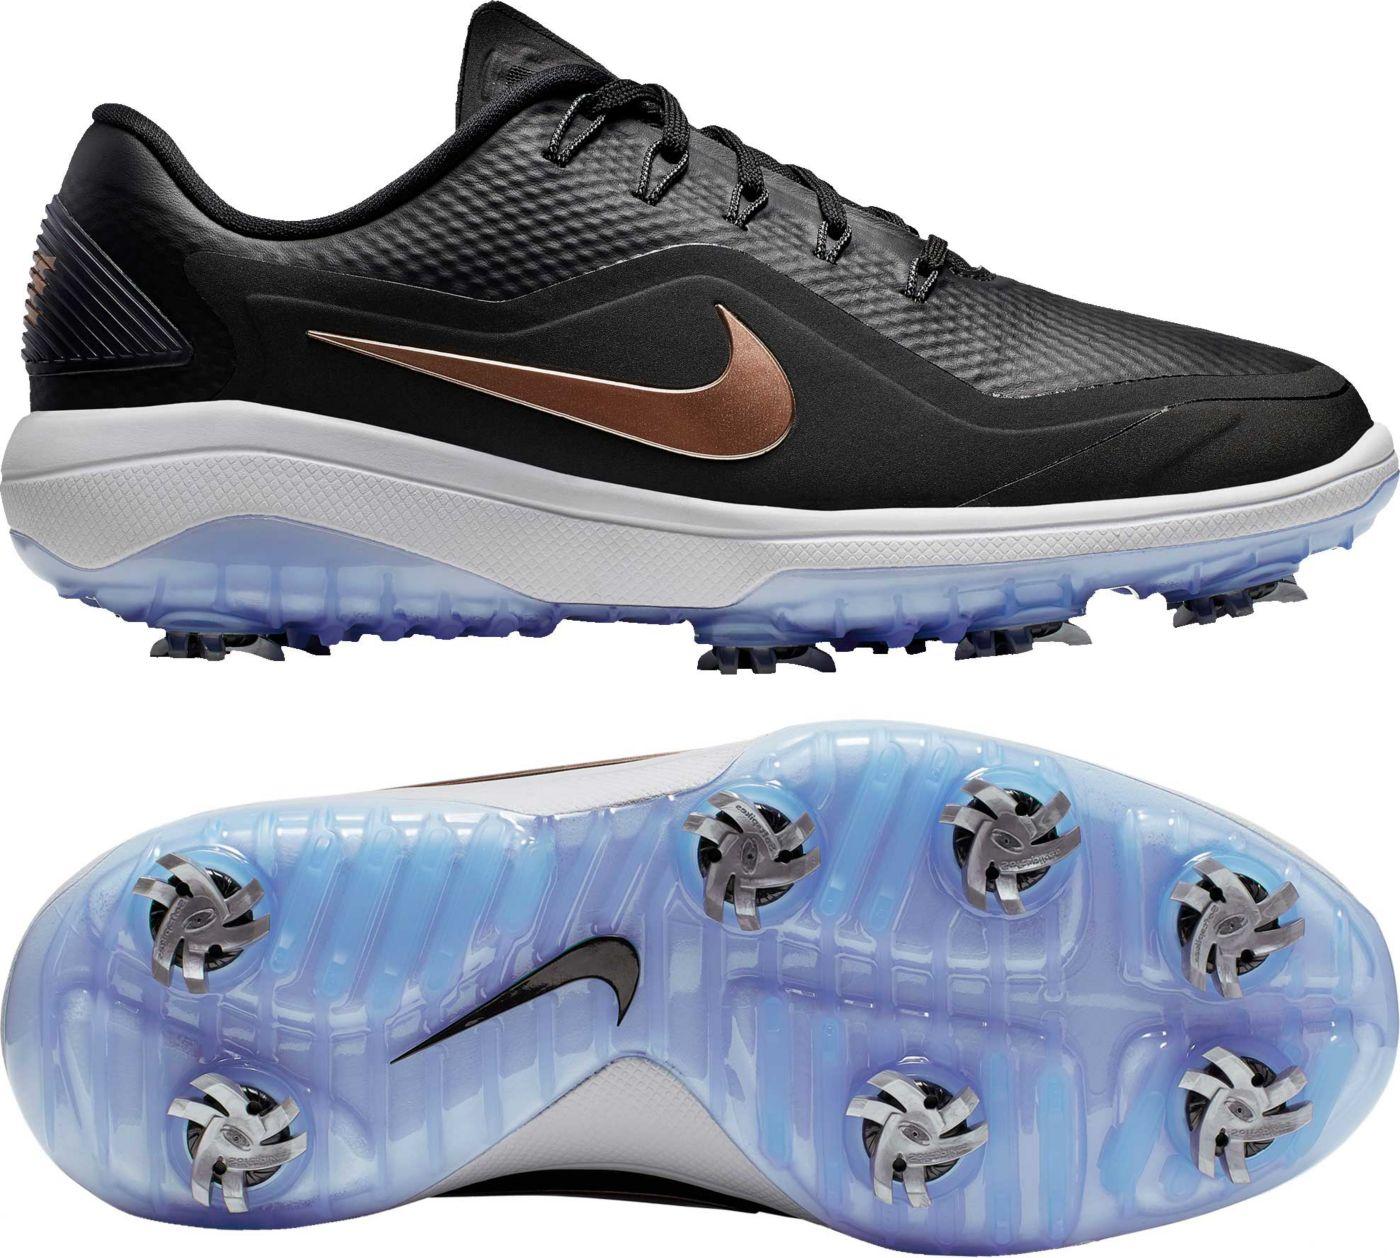 Nike Women's React Vapor 2 Golf Shoes